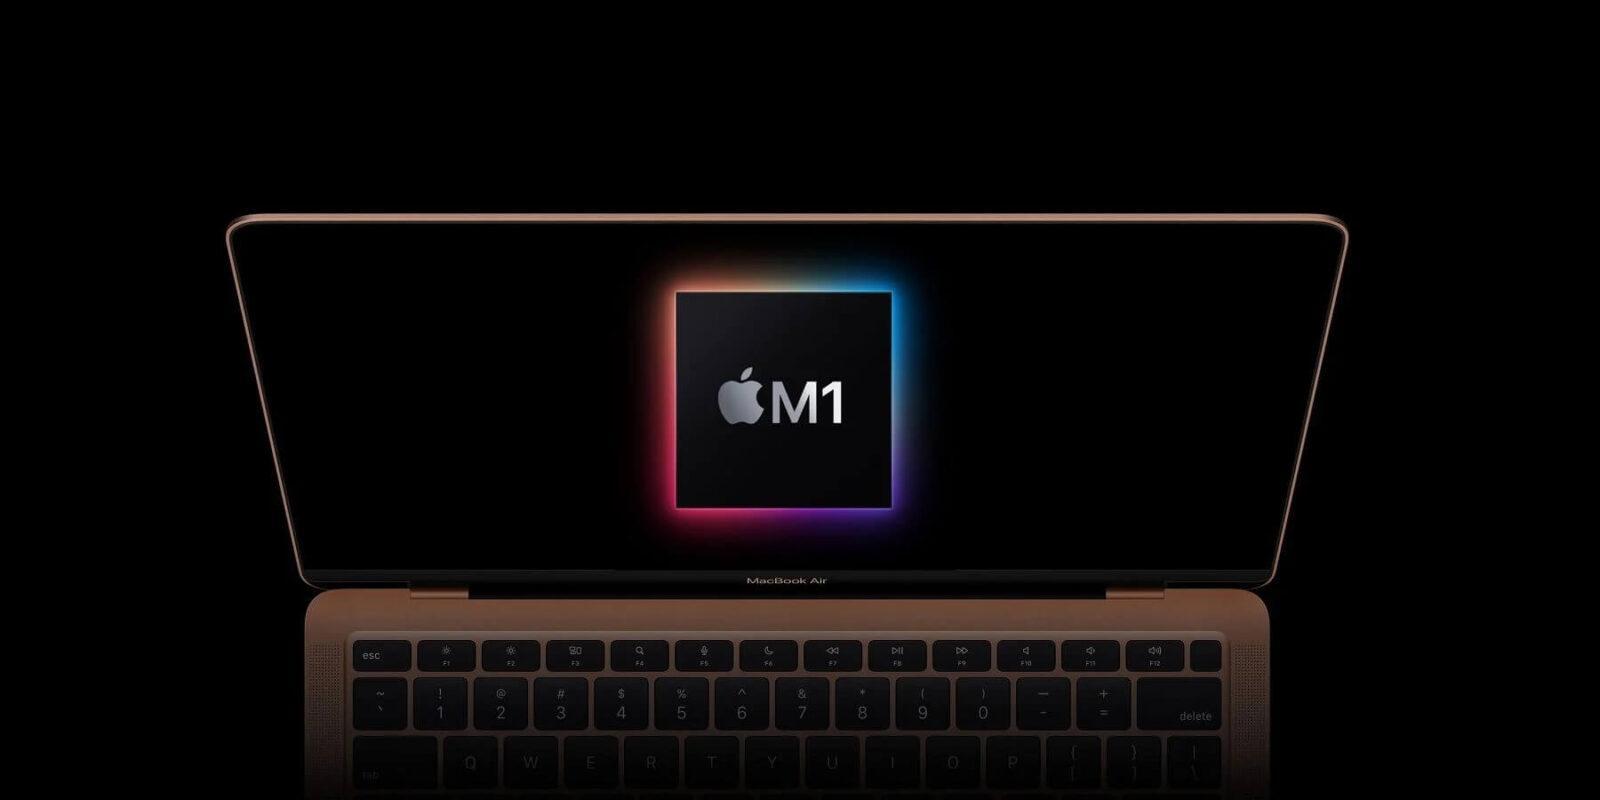 Следующее крупное обновление MacBook может произойти раньше, чем мы думали (macbook air m1)